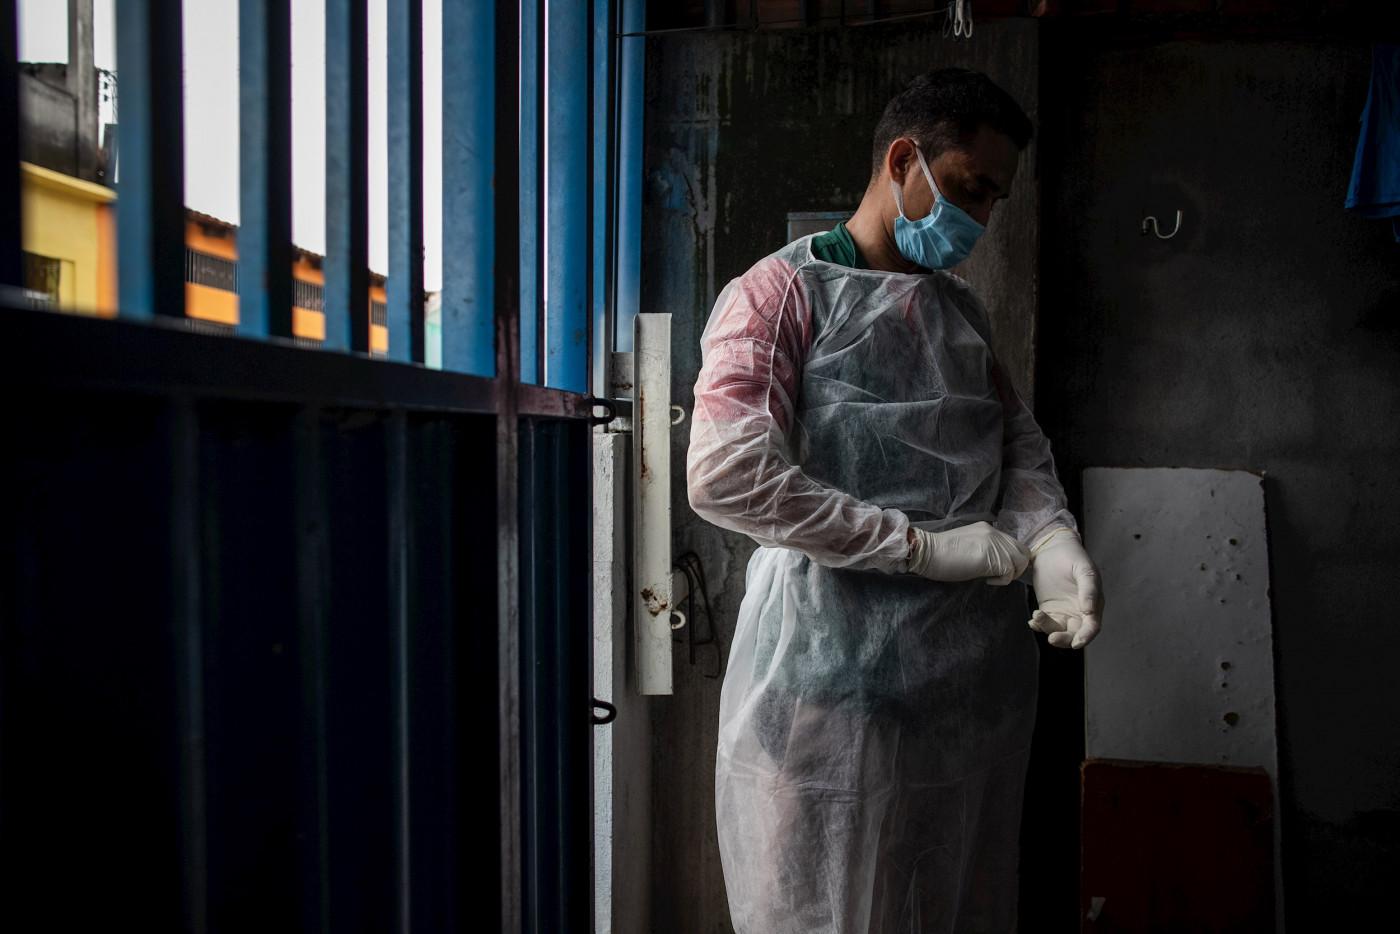 Profissional da saúde atua no enfrentamento da pandemia da Covid-19 no Brasil